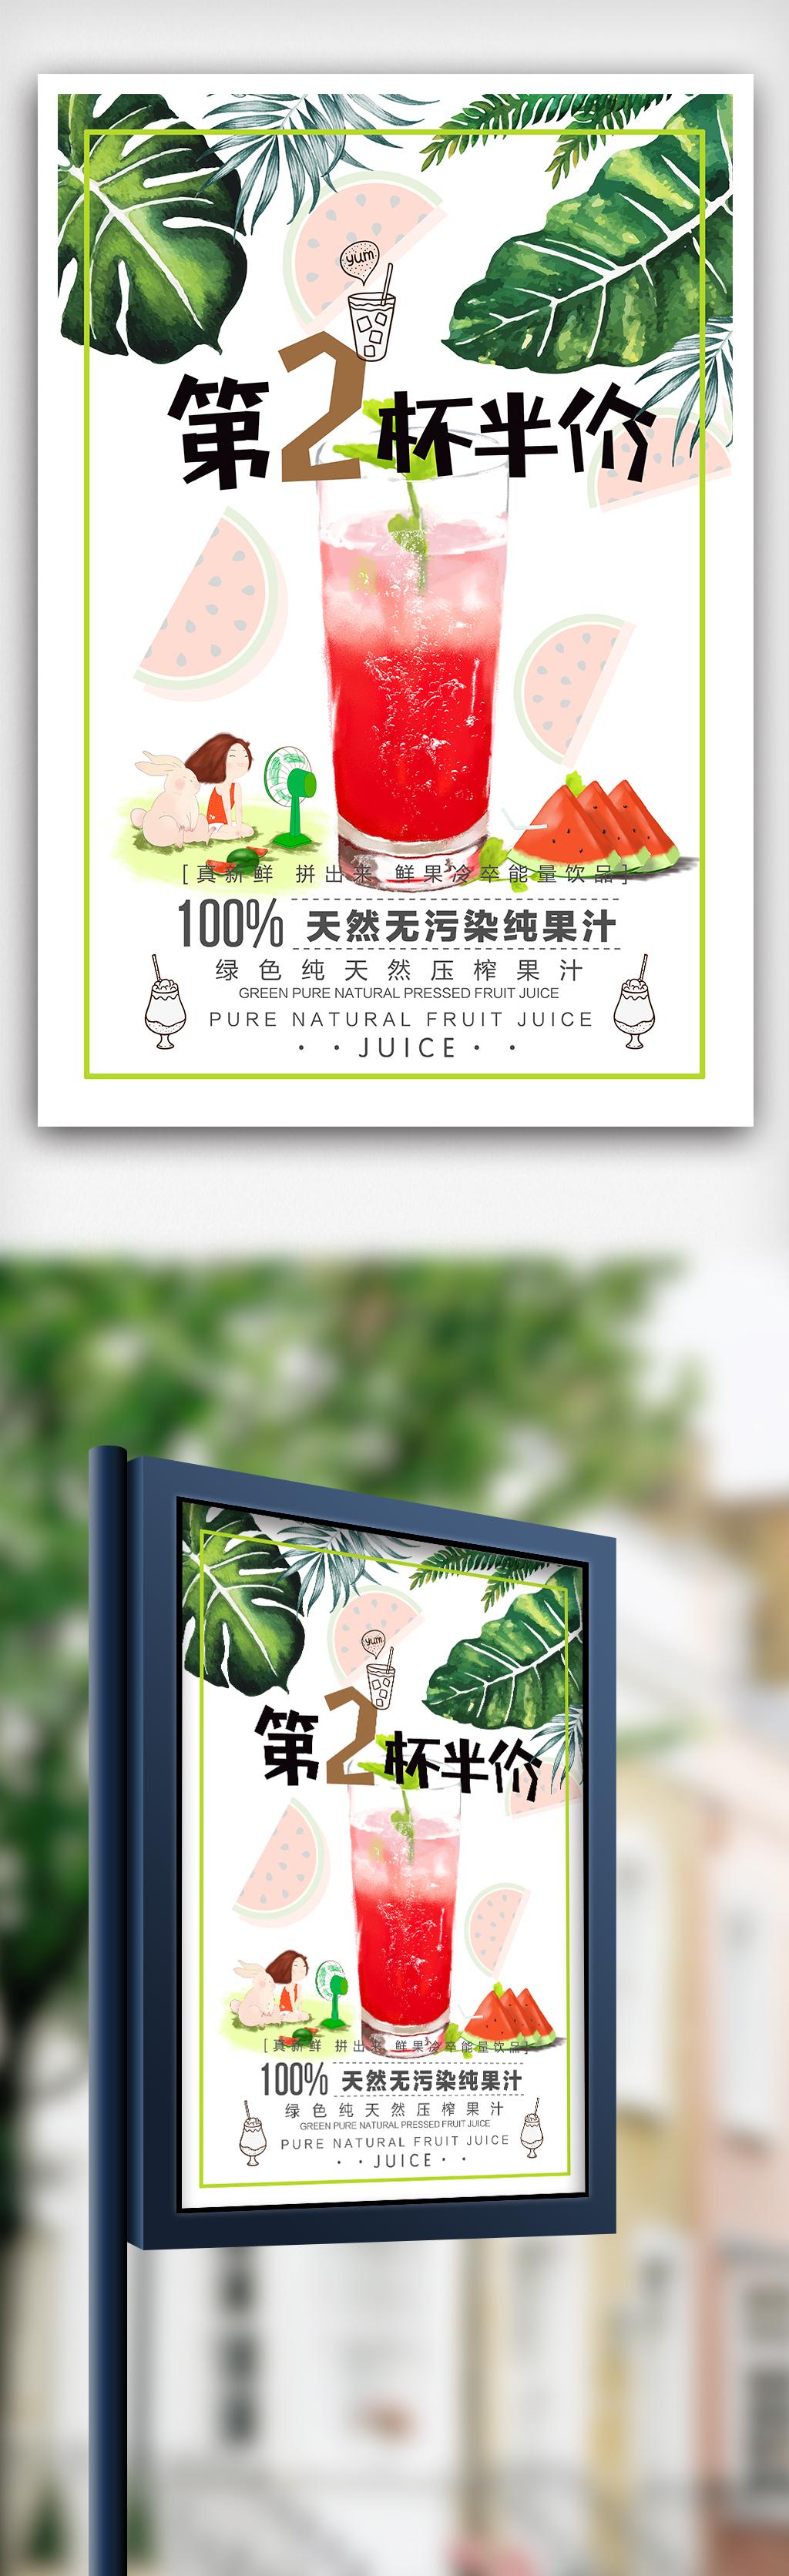 清新第二杯半价果汁海报